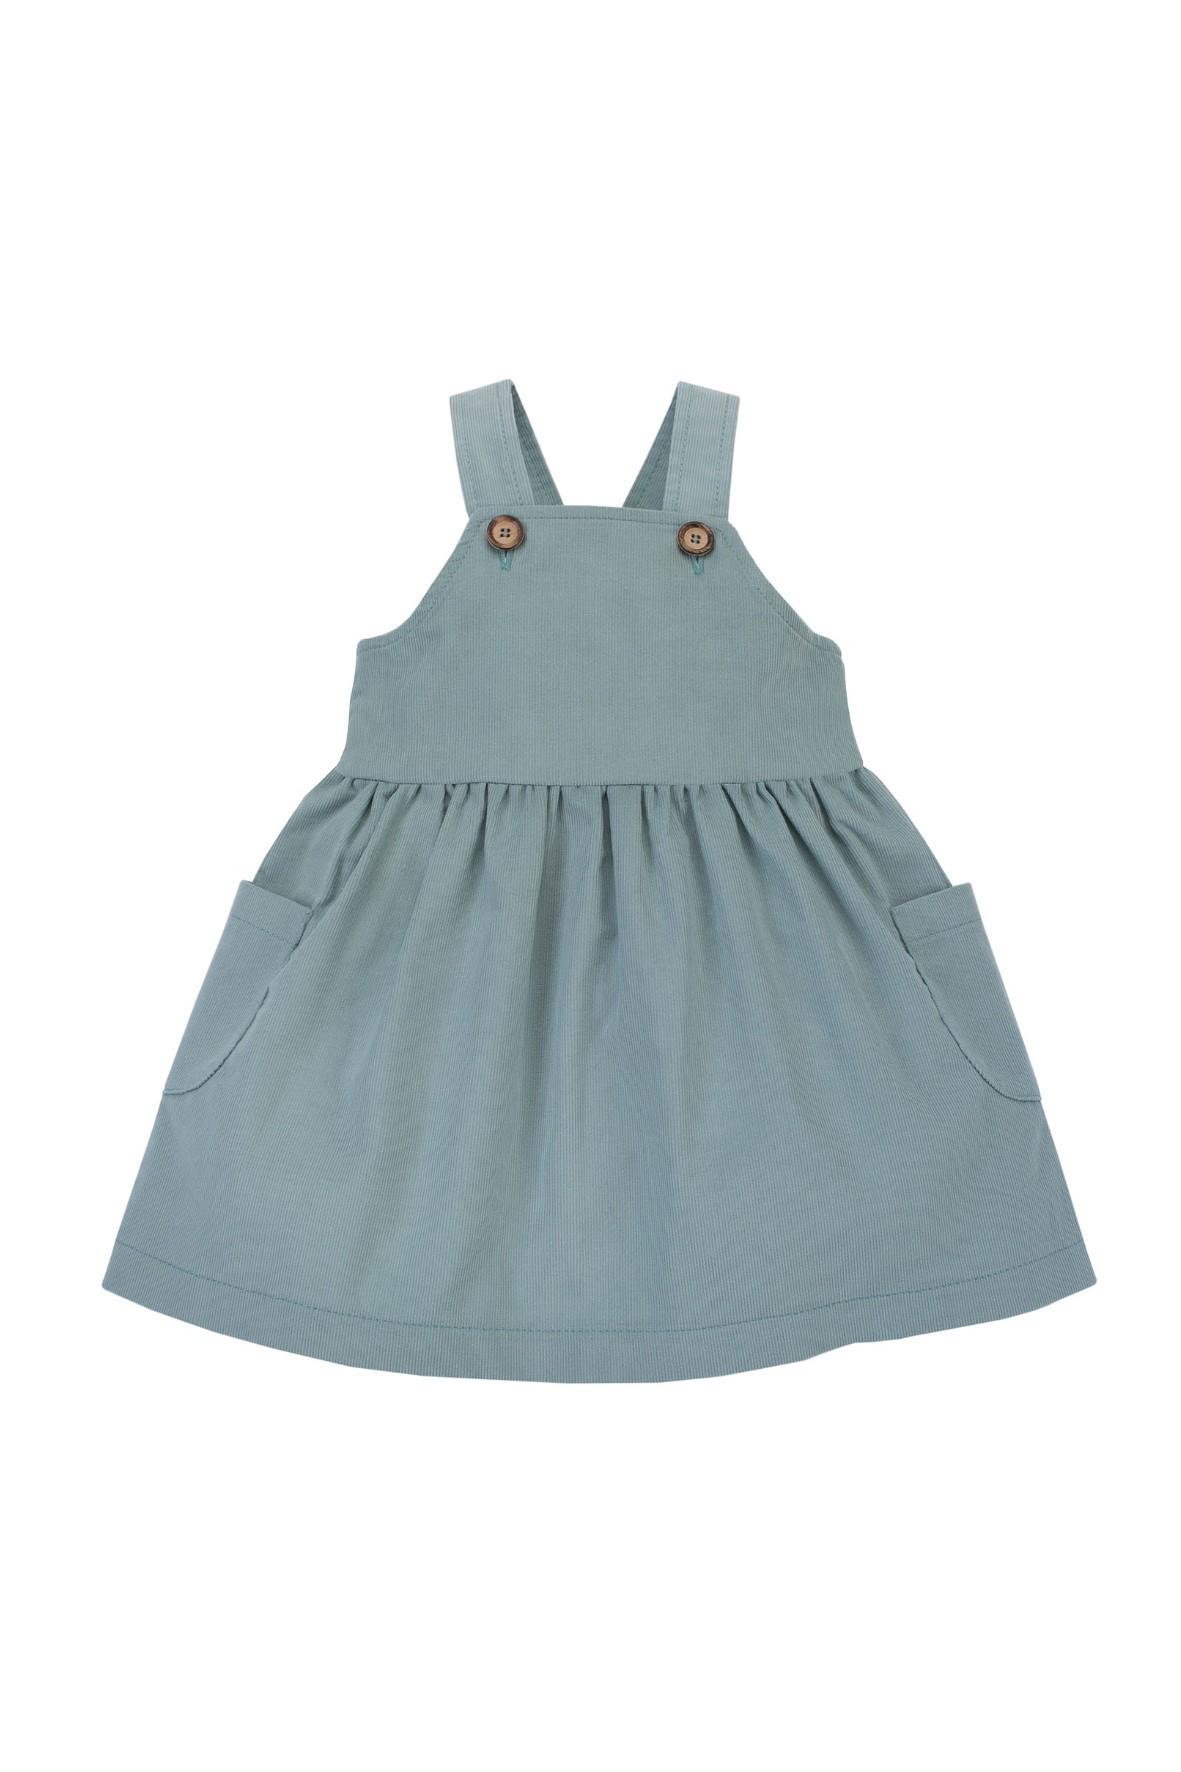 Modna sukienka na szelkach dla dziewczynki